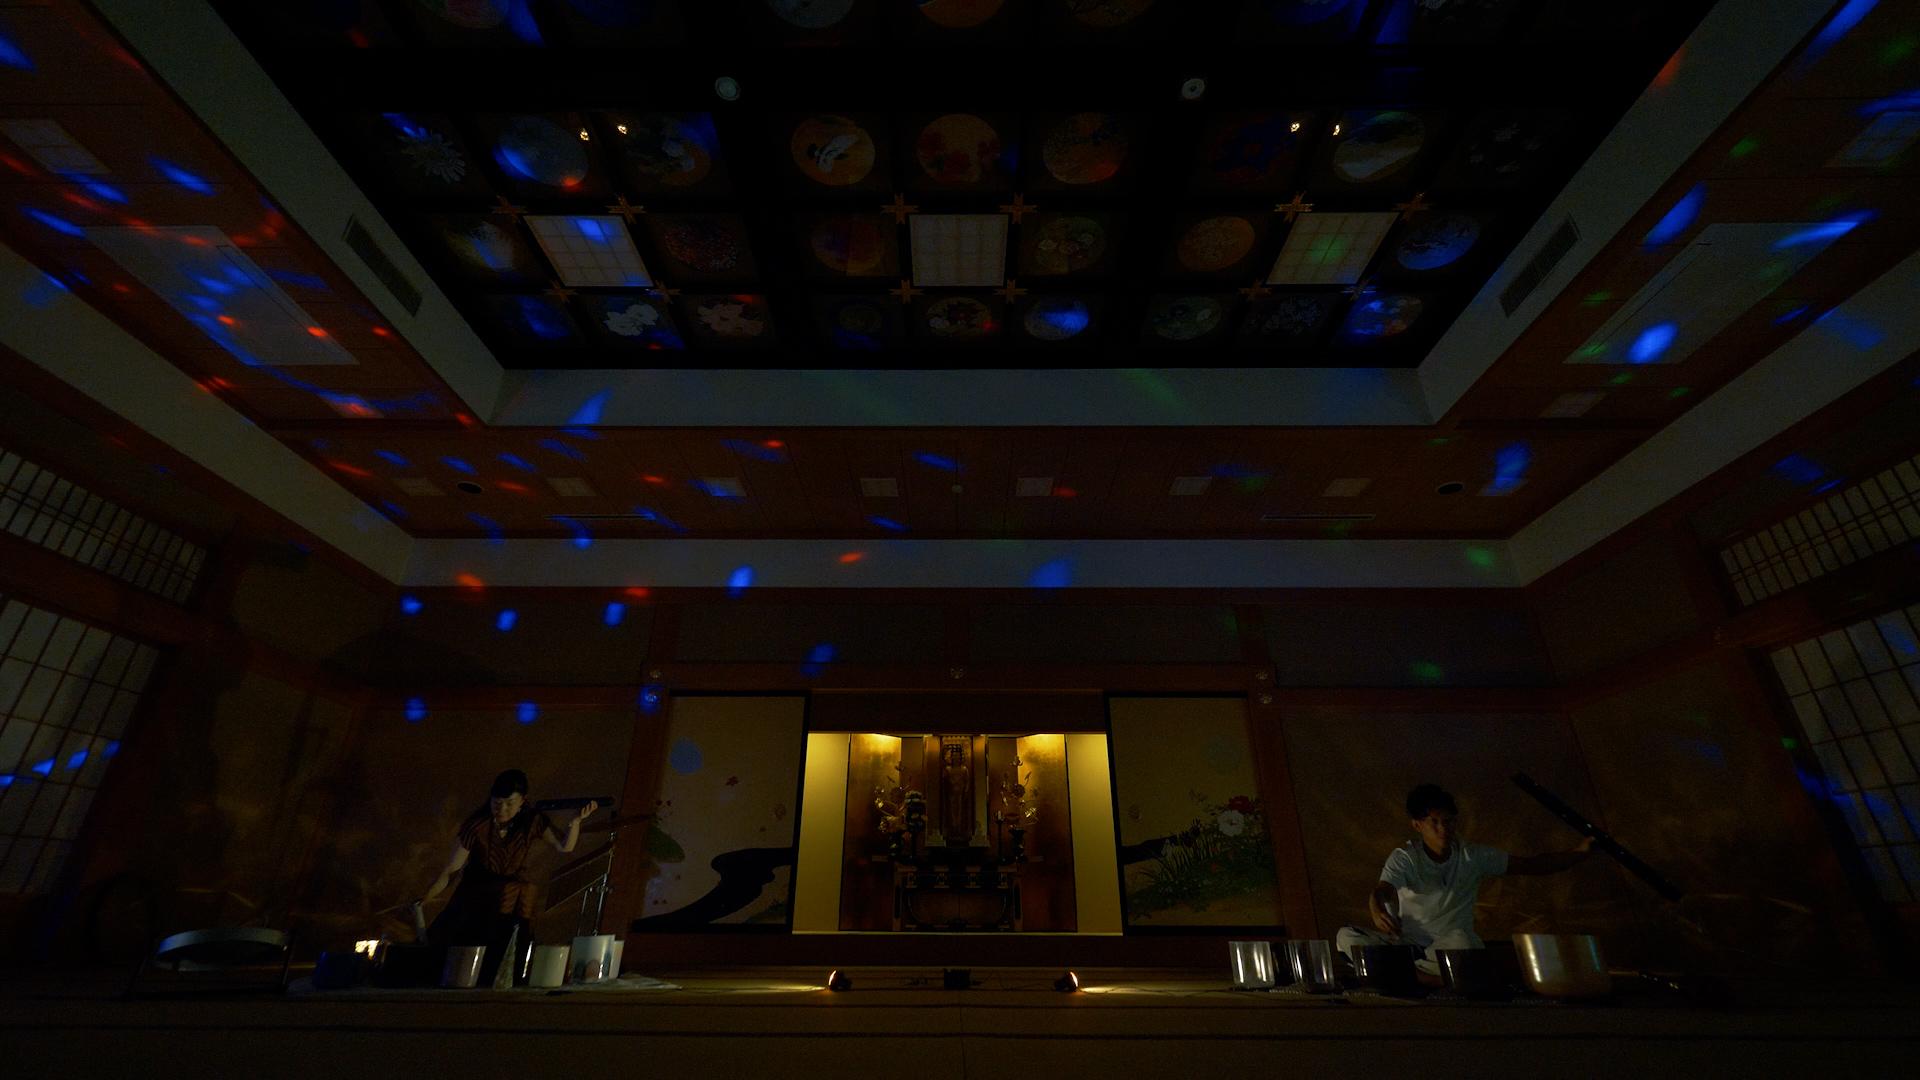 『クリスタルボウルJ A M〜オンライントーク&セッション〜』に出演します